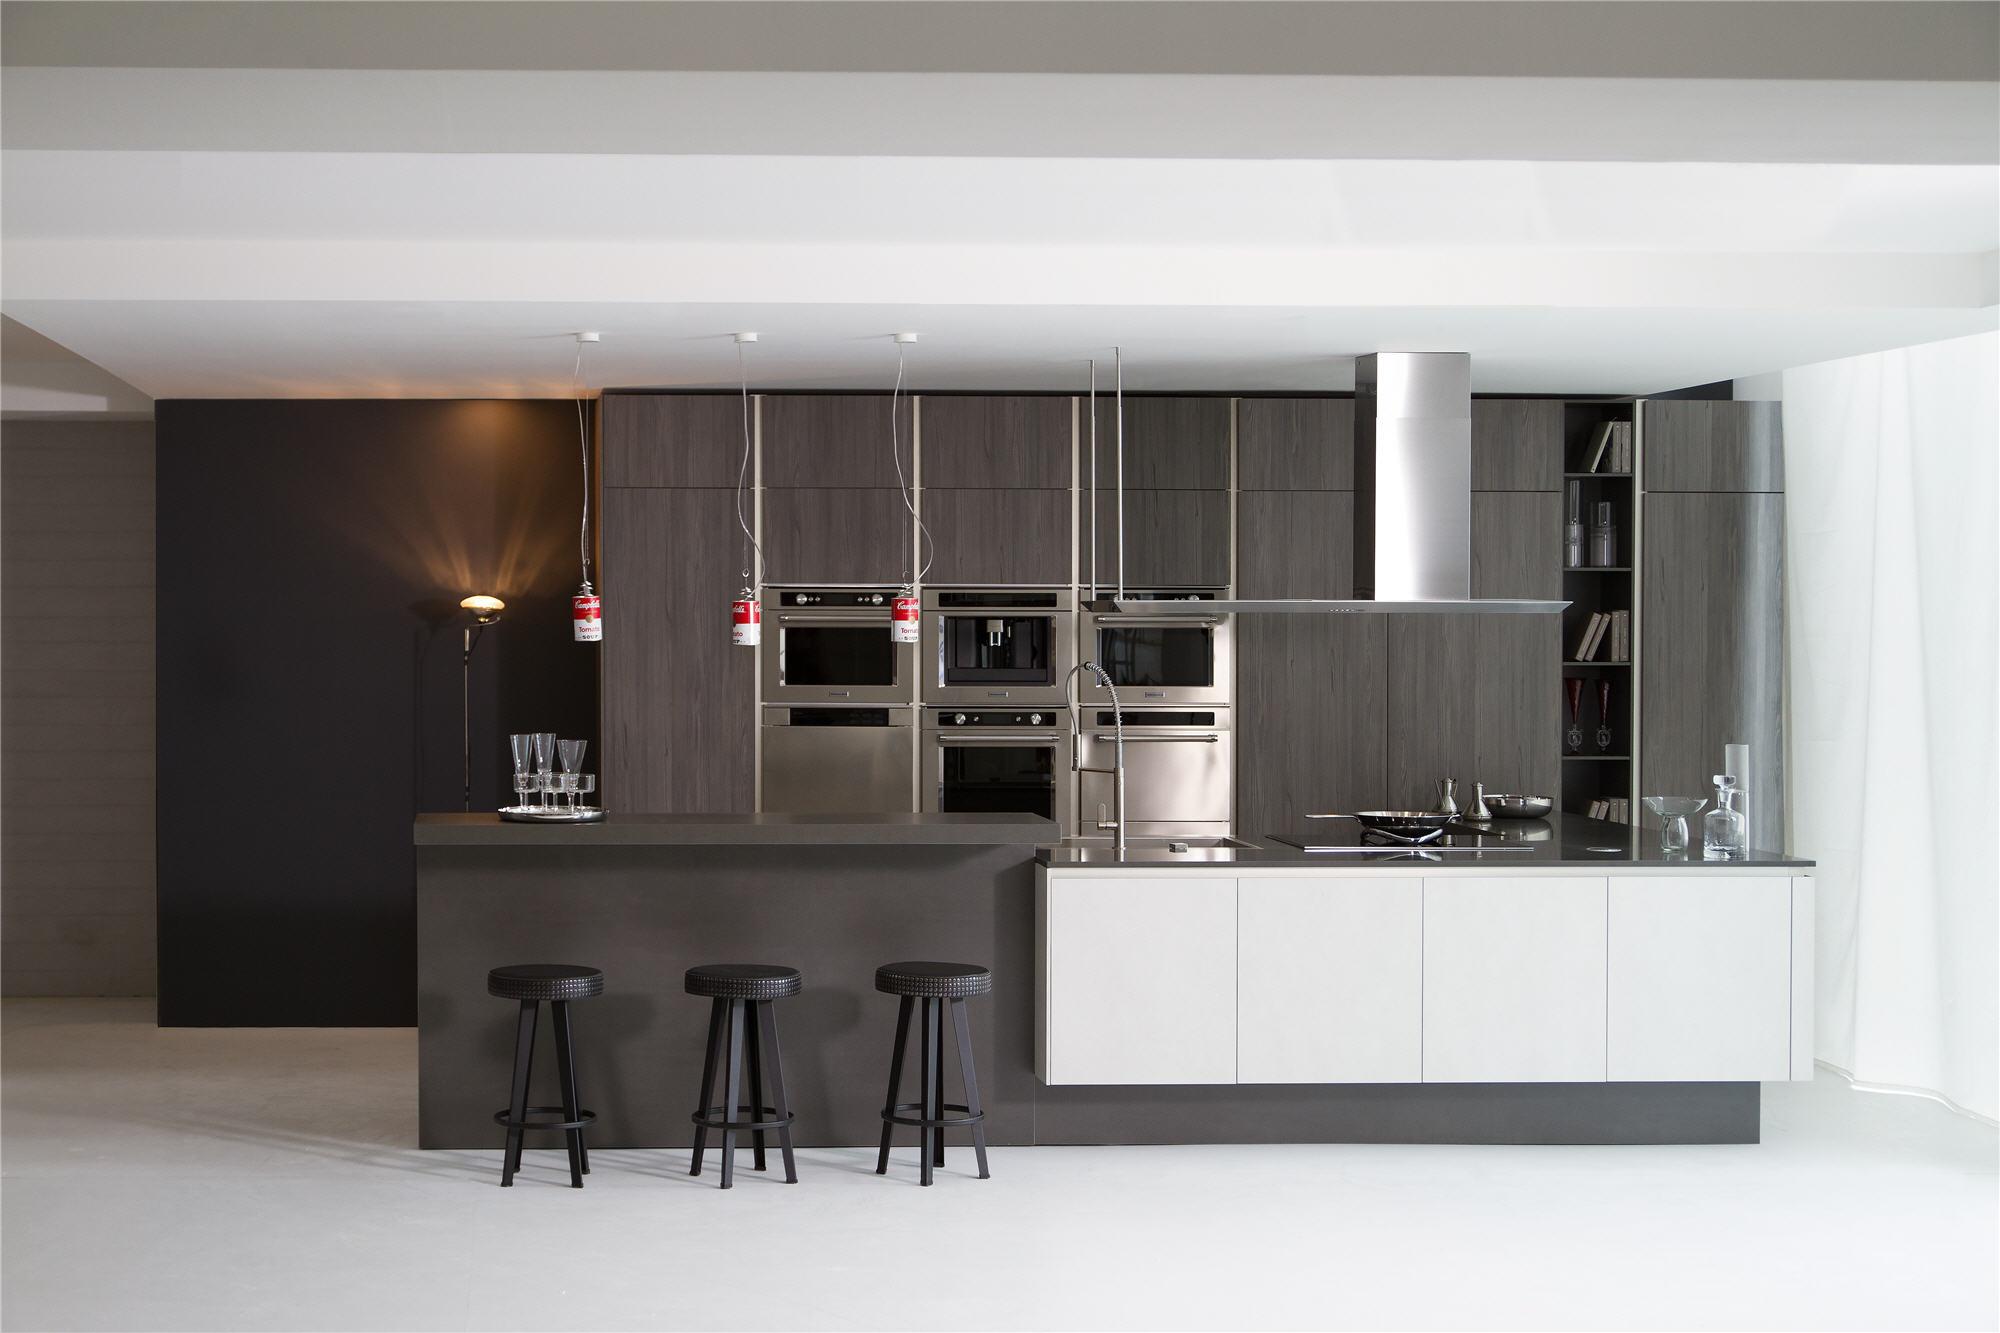 """Cucina Lux Snaidero Prezzi cucine moderne: eleganza """"sartoriale"""" e contaminazione"""